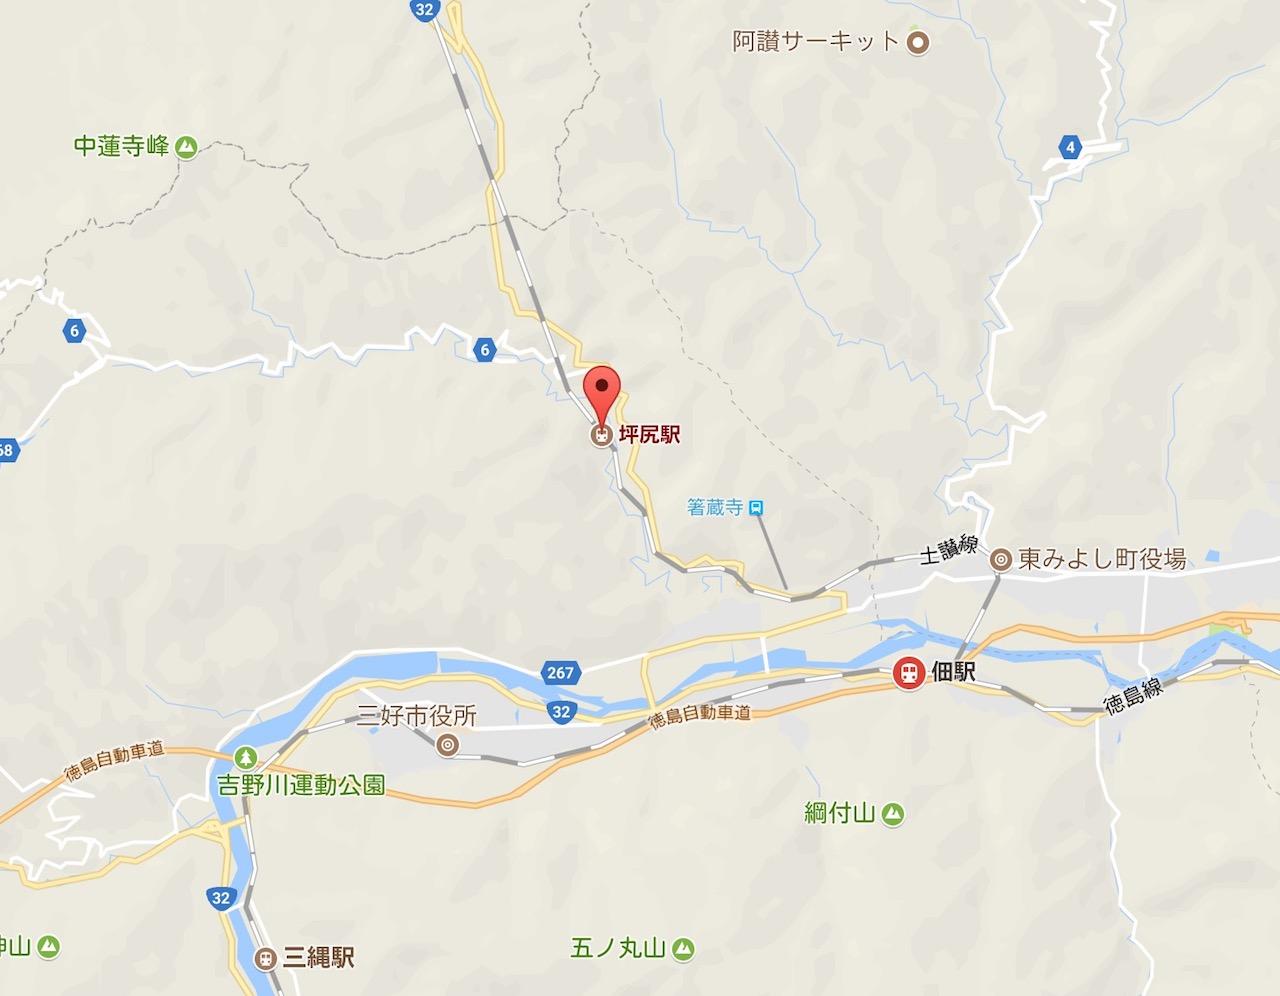 琴平から徳島へ!伝説の秘境駅「坪尻駅」で見事なスイッチバック停車を見た